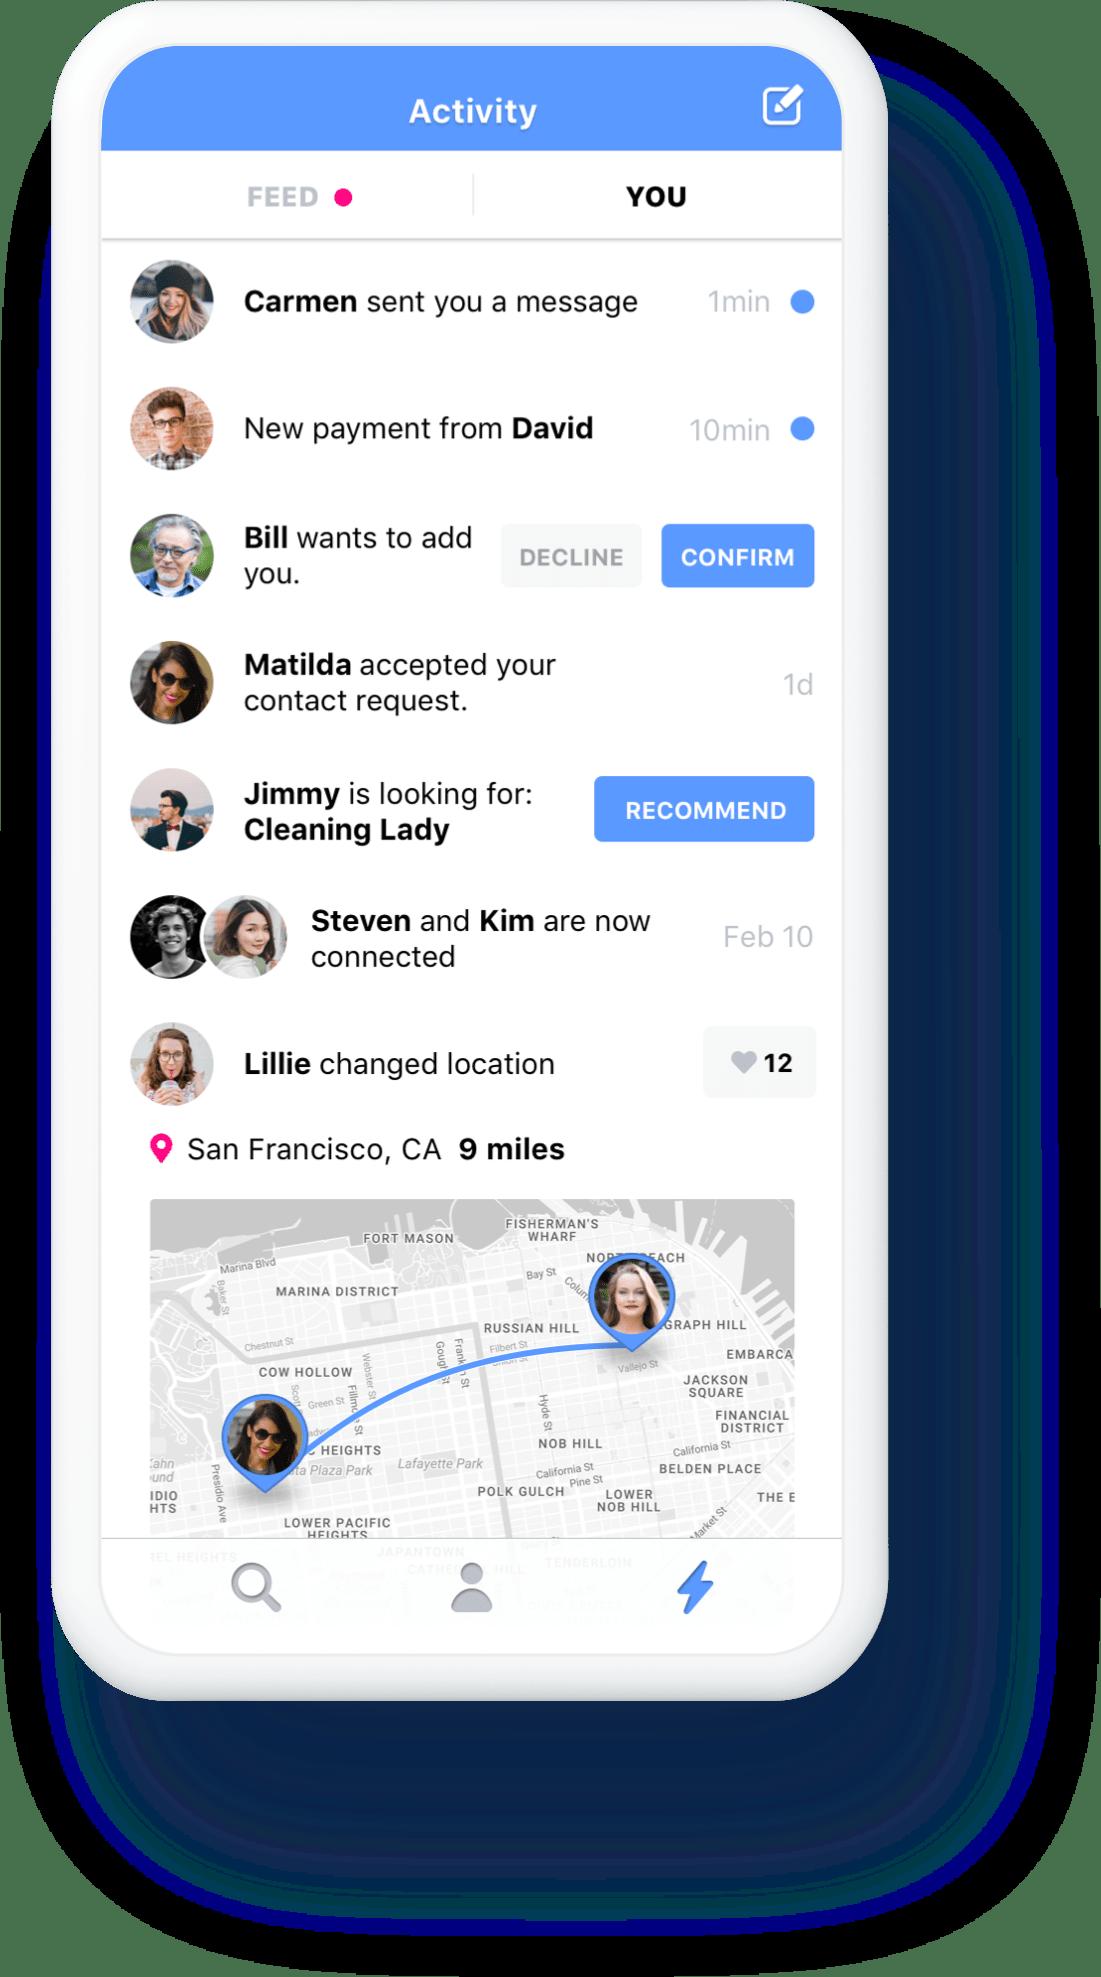 App activities view